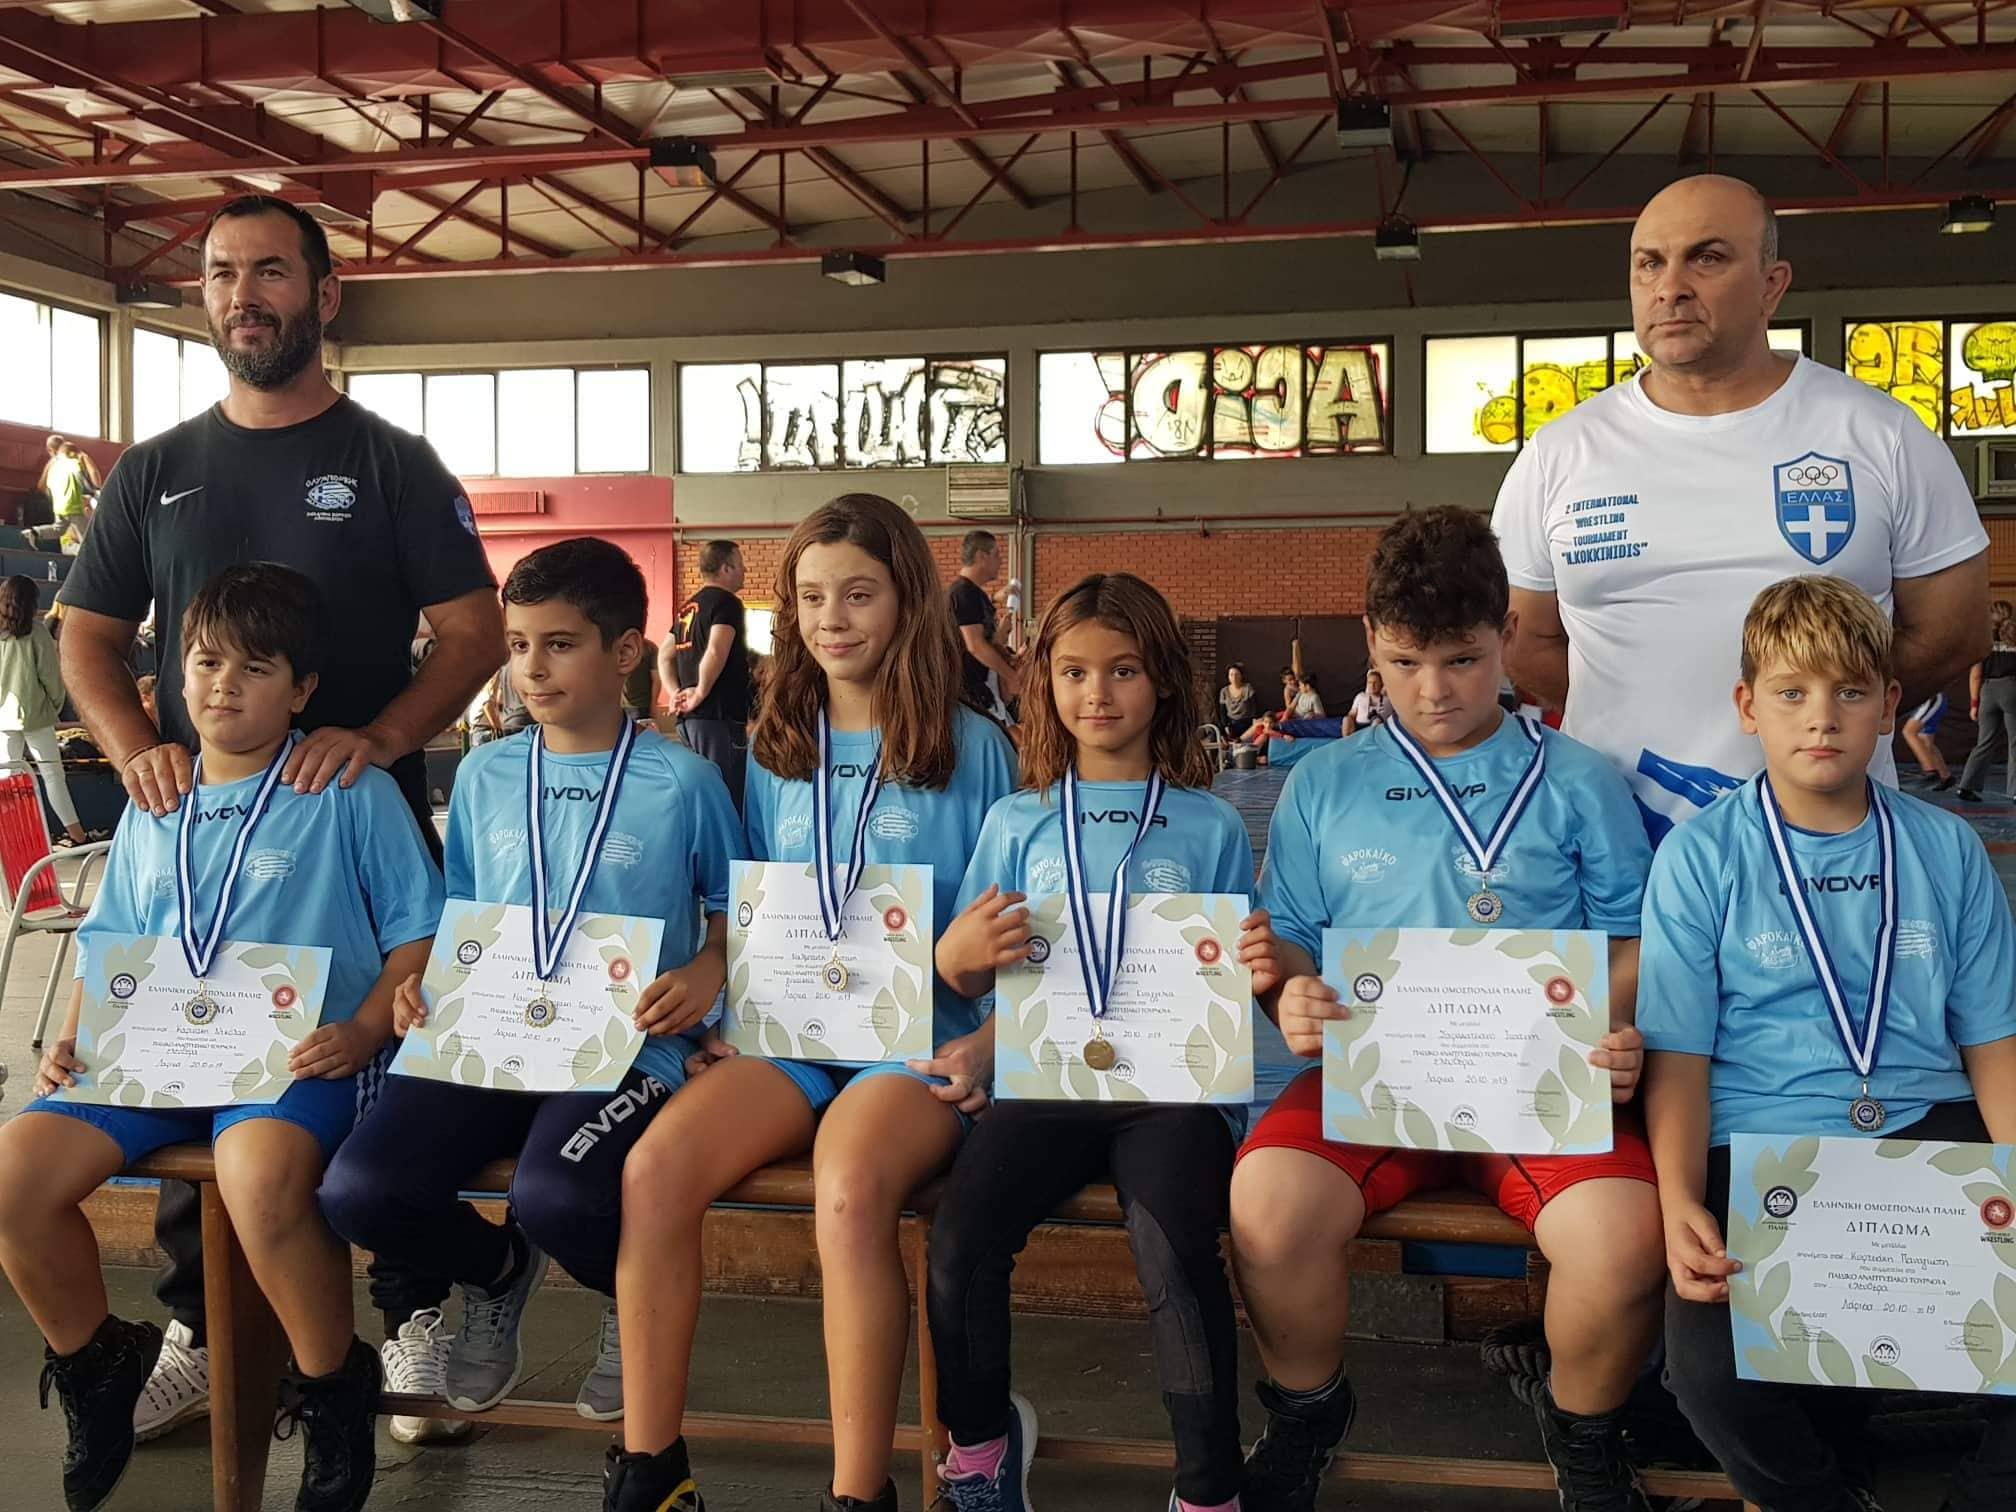 Επέστρεψαν με επτά μετάλλια  οι αθλητές του Ολυμπιονίκη